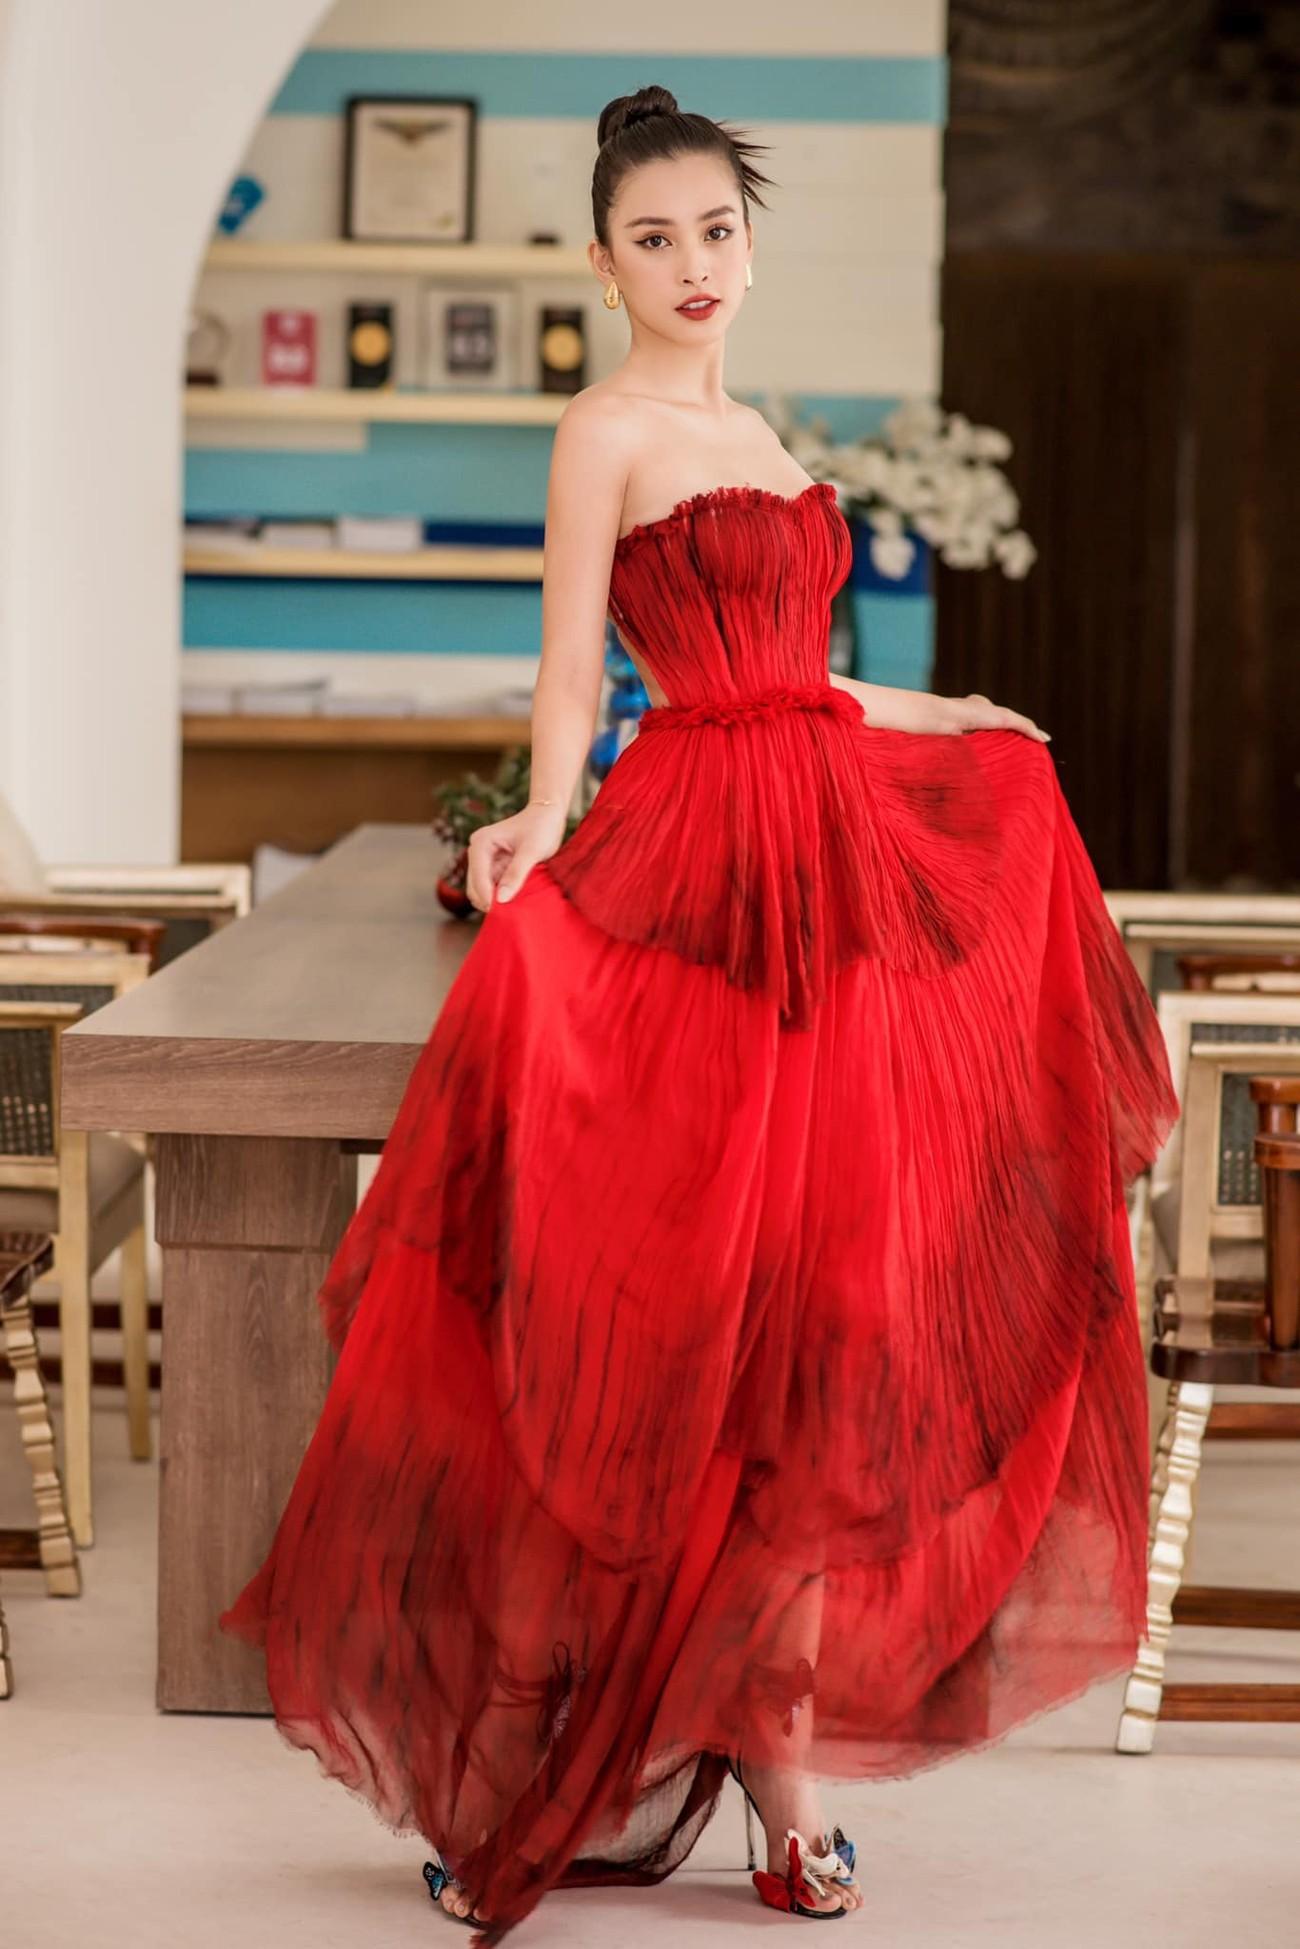 Tiểu Vy, Hà Kiều Anh và dàn hậu diện váy đỏ rực khoe dáng nóng bỏng đêm Giáng Sinh ảnh 1